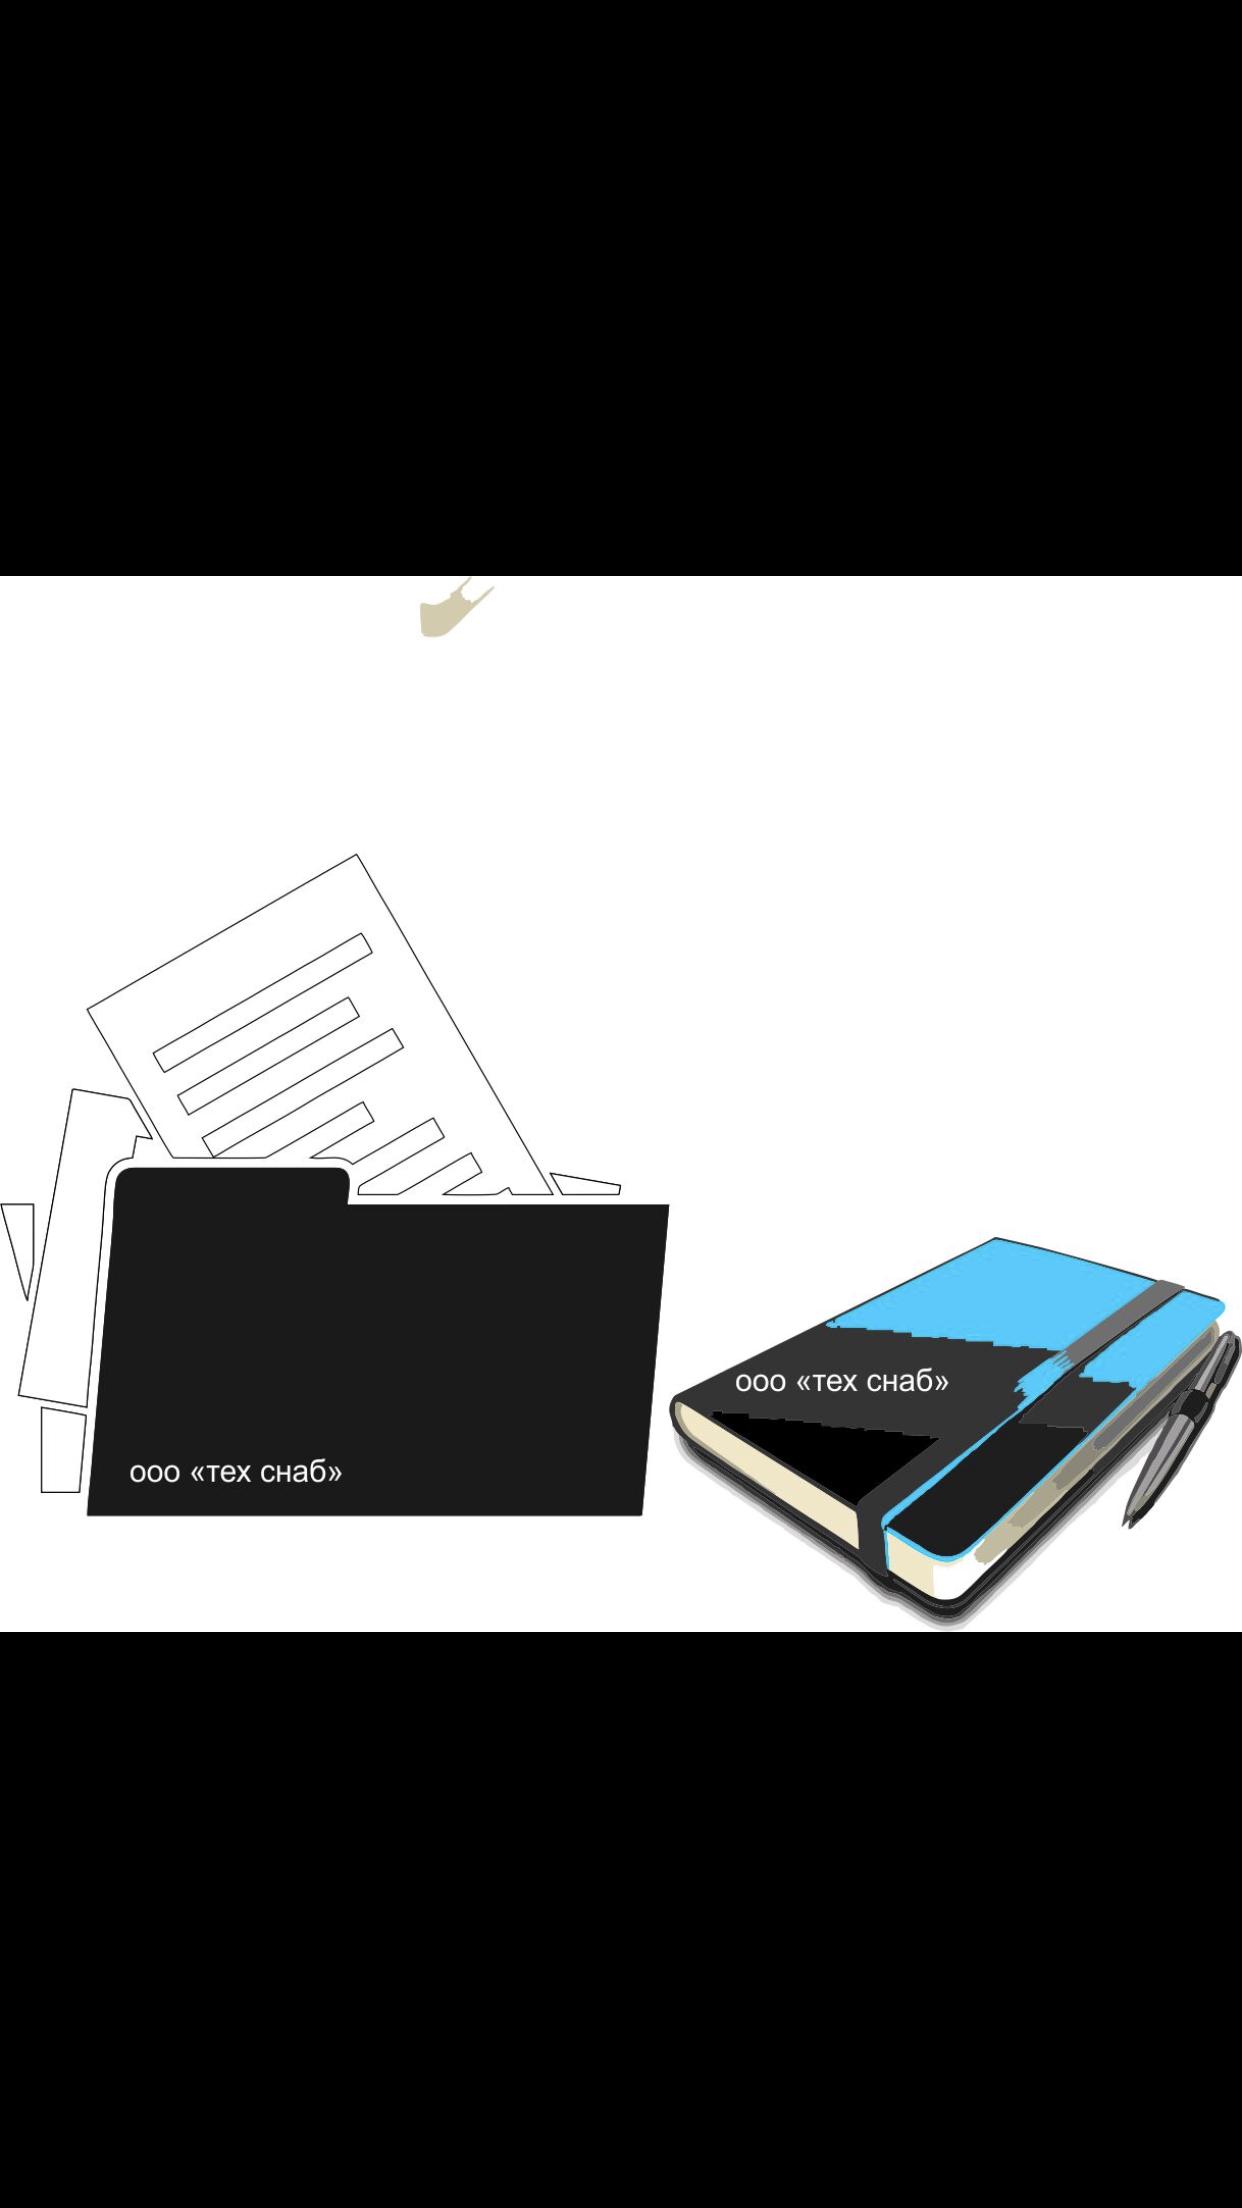 Разработка логотипа и фирм. стиля компании  ТЕХСНАБ фото f_1785b1a1e0bc716a.png